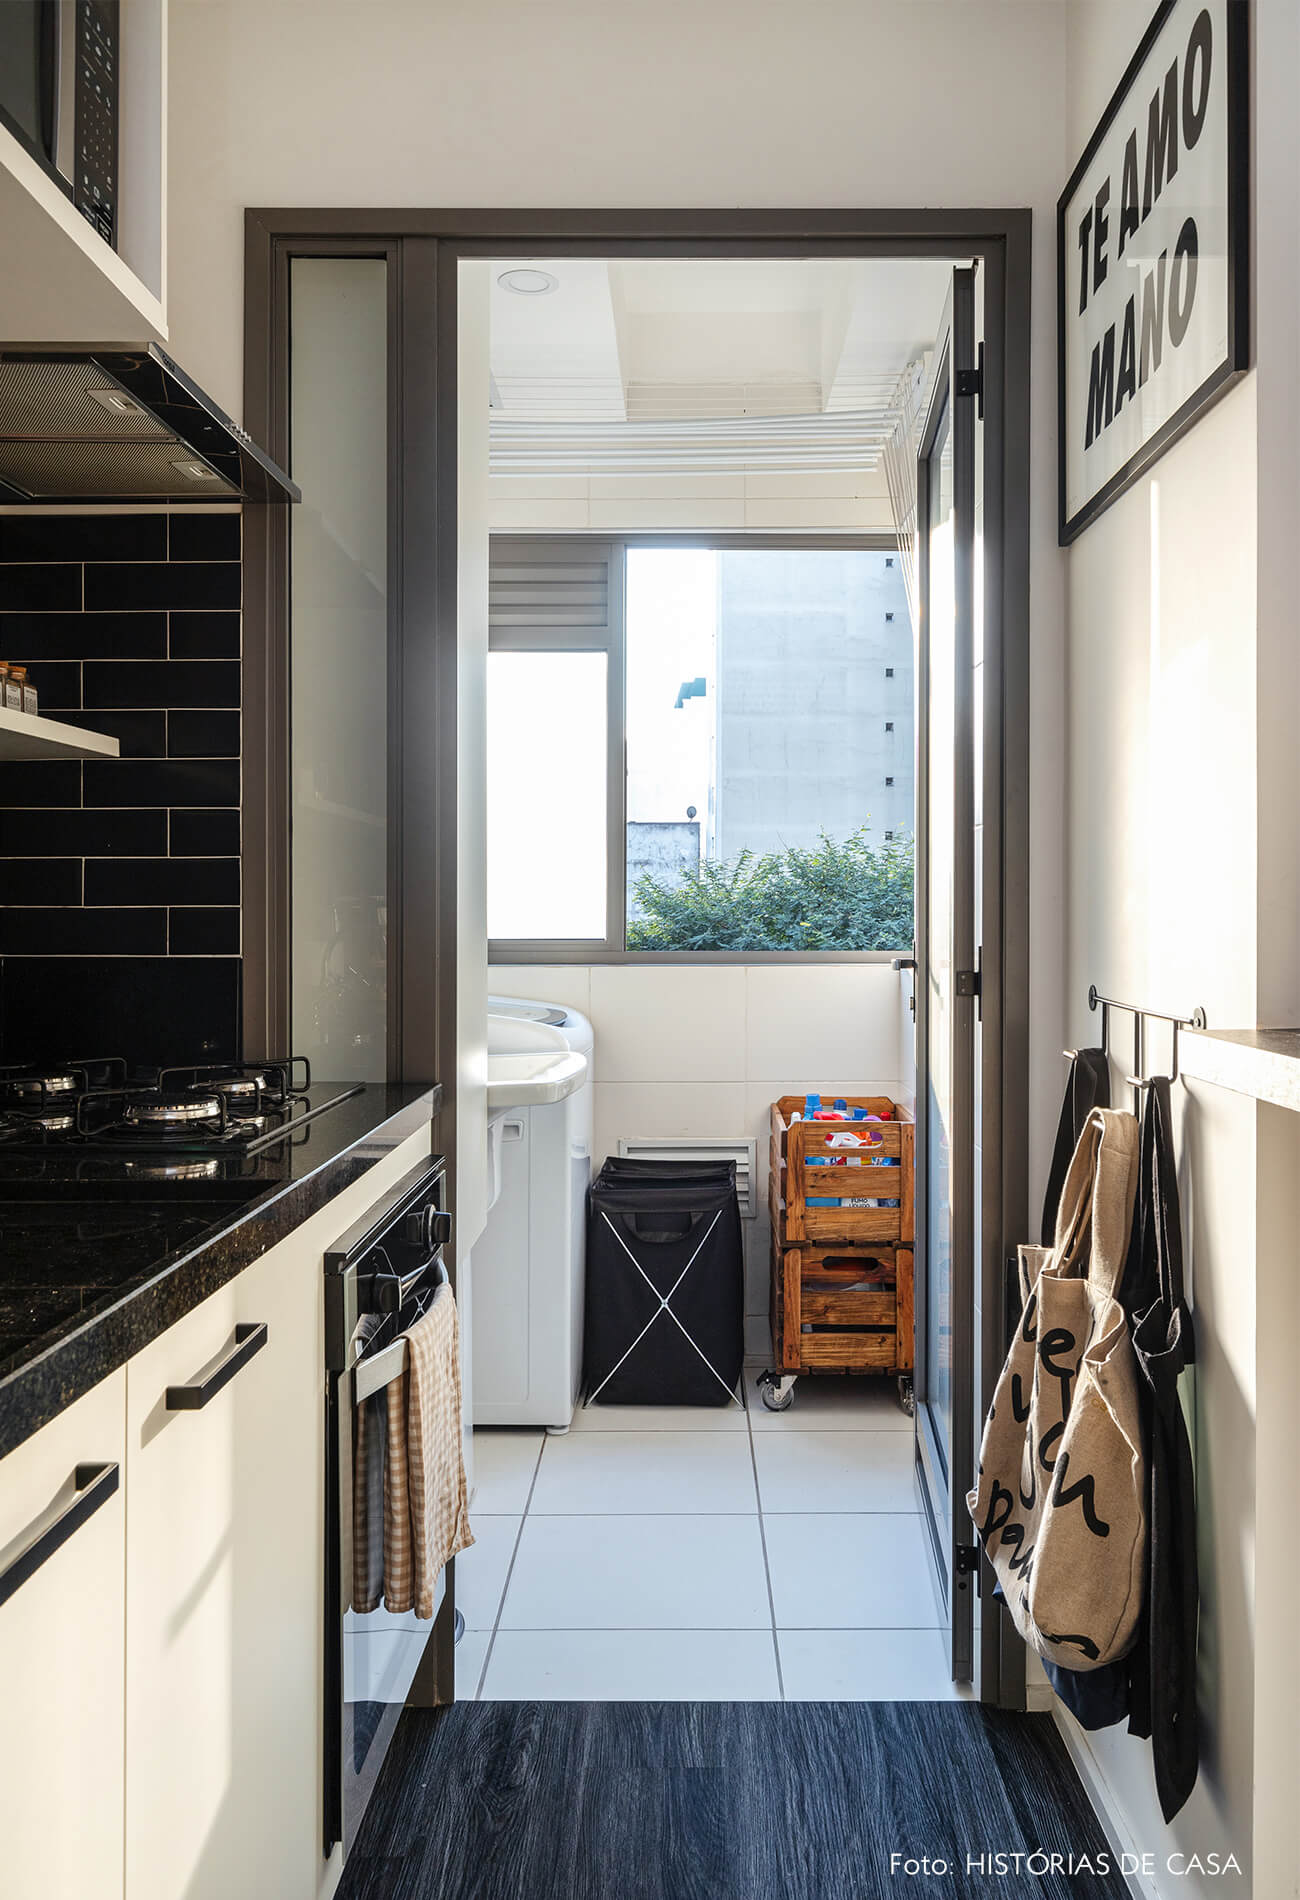 Cozinha e área de serviço com azulejos pretos